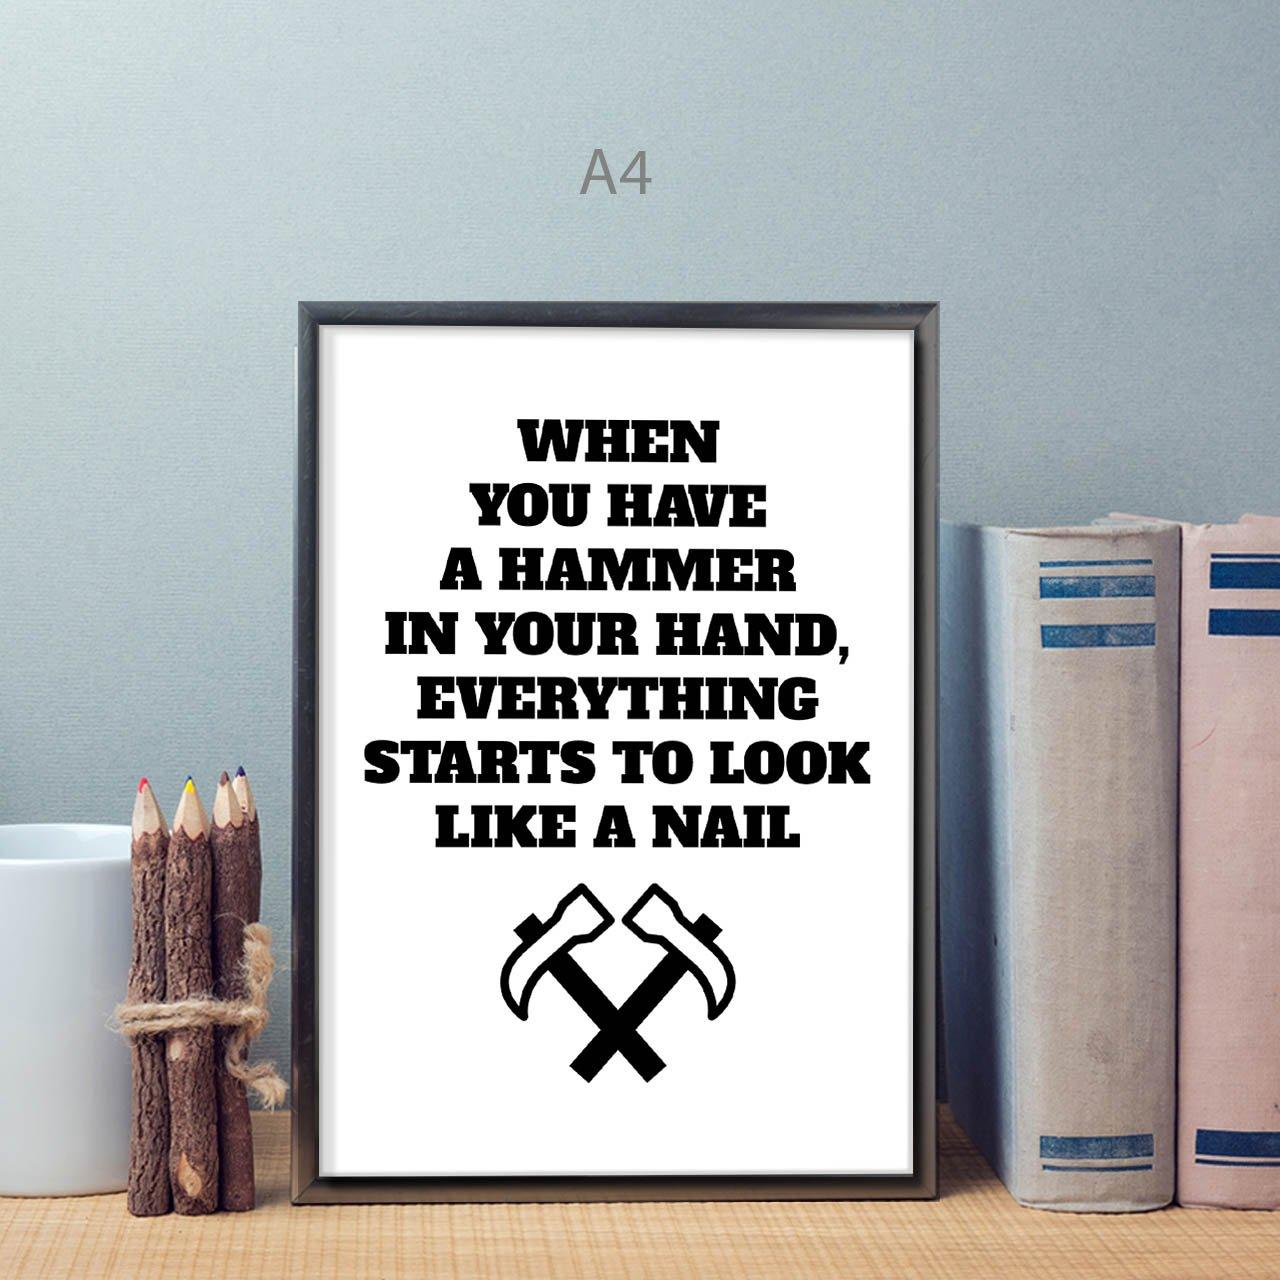 Amazon.com: Hammer Joke Saying Funny Life Like Nail Matte/Glossy ...